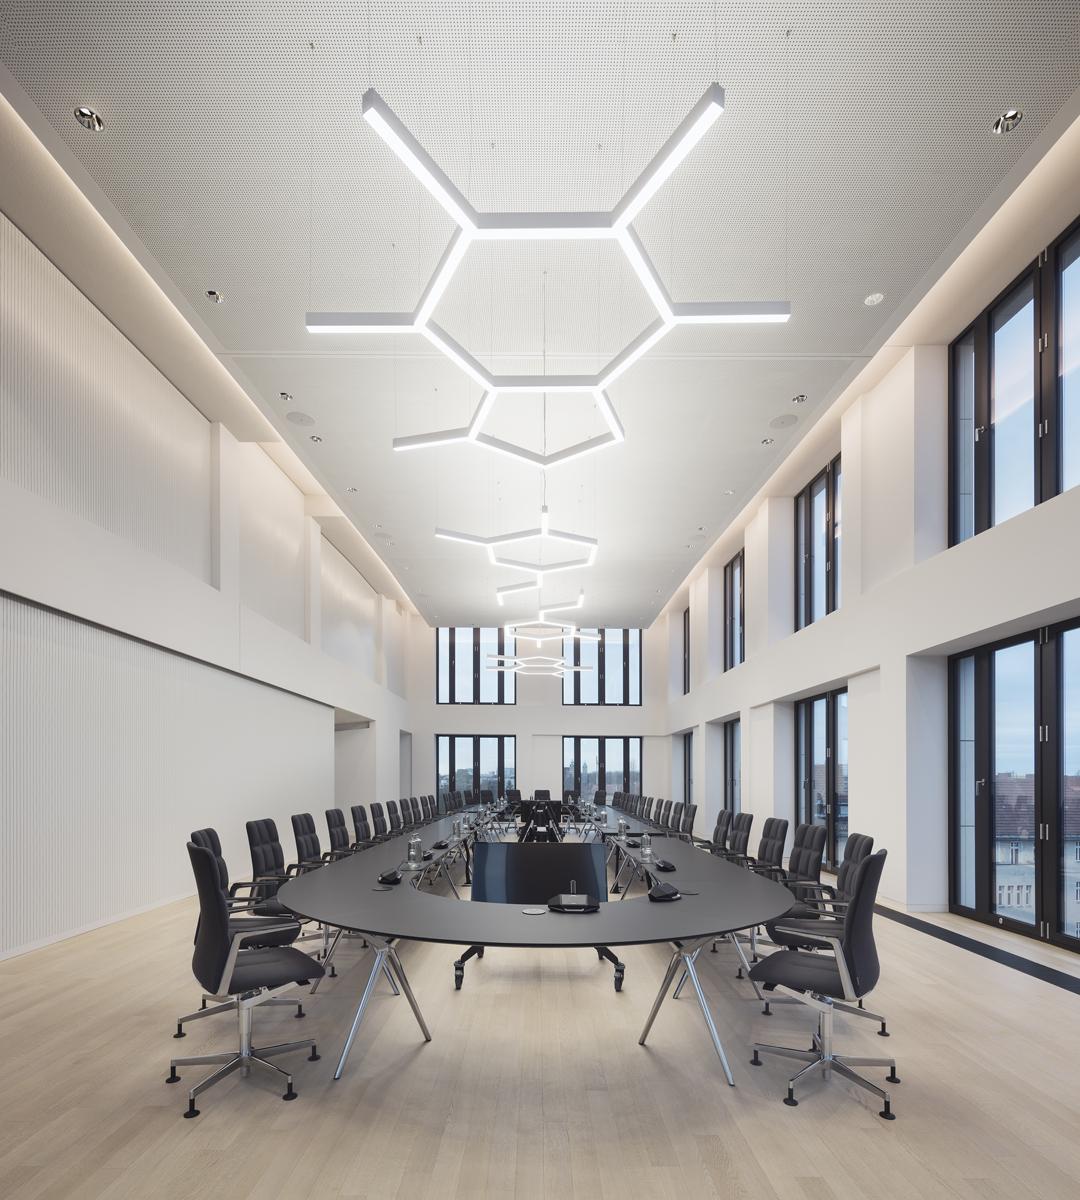 Konferenztisch aus 20 flexiblen Modulen in langer Ovalform für 42 Drehsessel in zweigeschossigem Raum mit großen Fenstern. Neutralweißes Licht aus vier dimmbaren LED-Pendelleuchten in den Molekülformen Coffein, Theobromin, Dopamin.